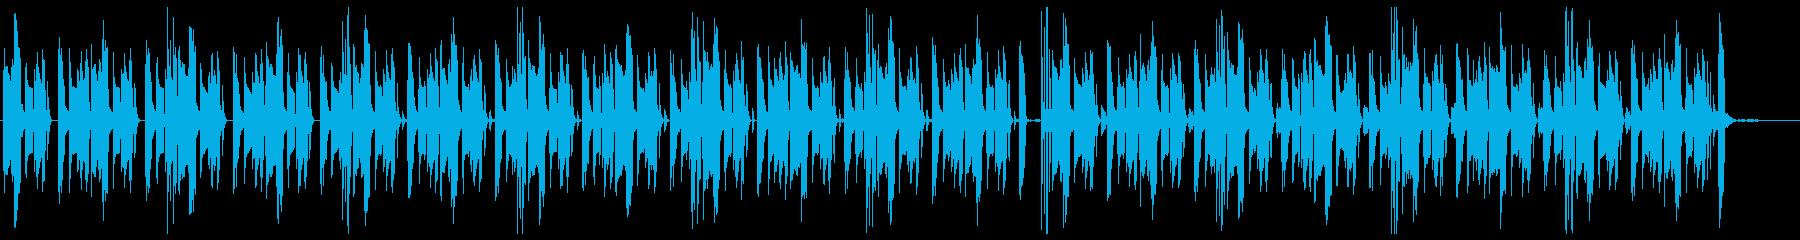 エレピをフィーチャーした短めのブルースの再生済みの波形